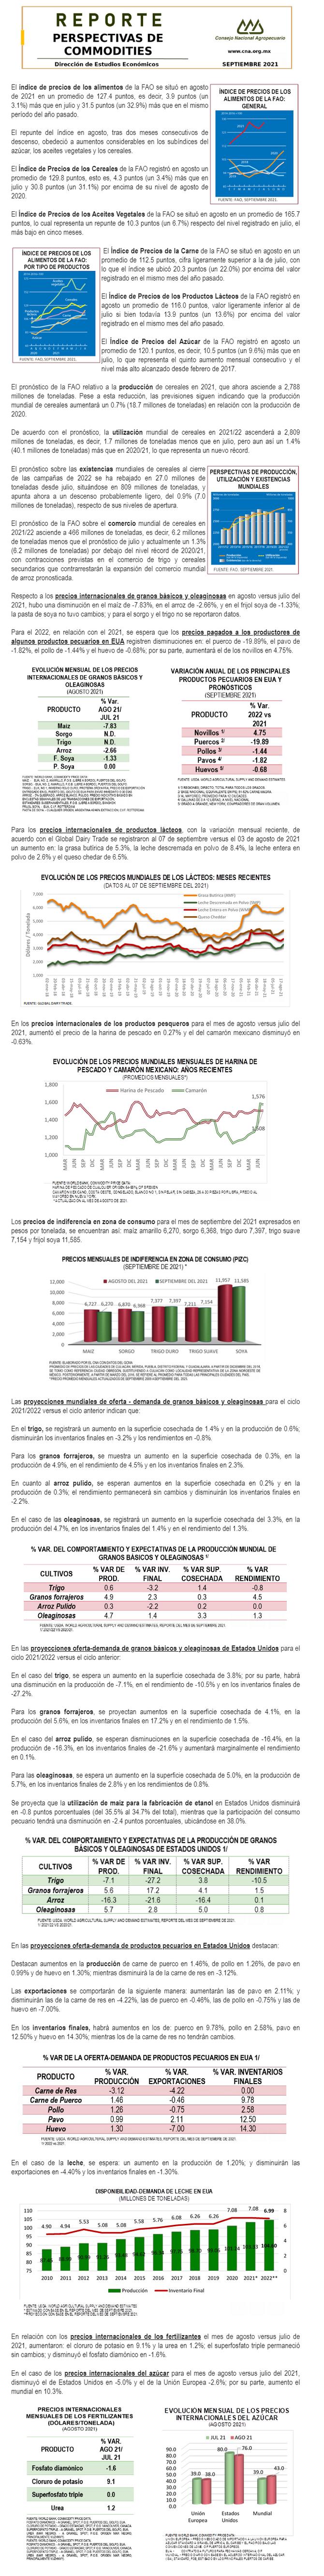 Reporte de Perspectivas Internacionales para los Commodities Agropecuarios de septiembre 2021.